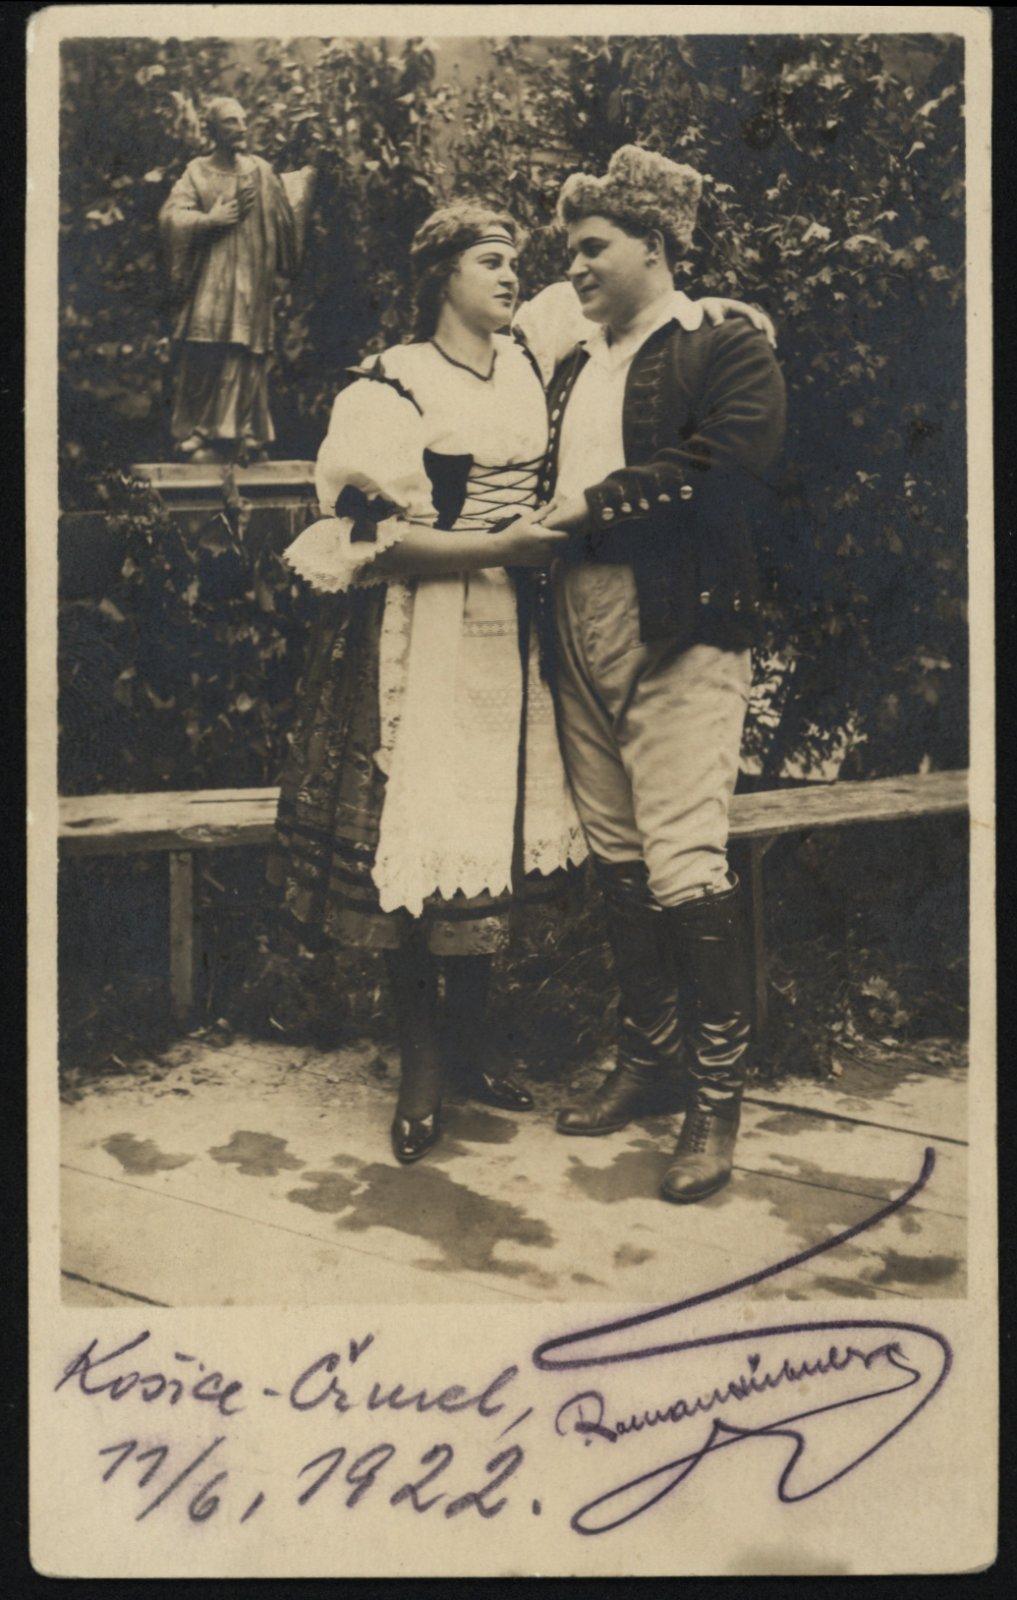 Zájazd opery SND sinscenáciou Bedřicha Smetanu Predaná nevesta do Košíc (Čermeľské údolie), 1922. Dobřena Šimáňová, Roman Hübner.